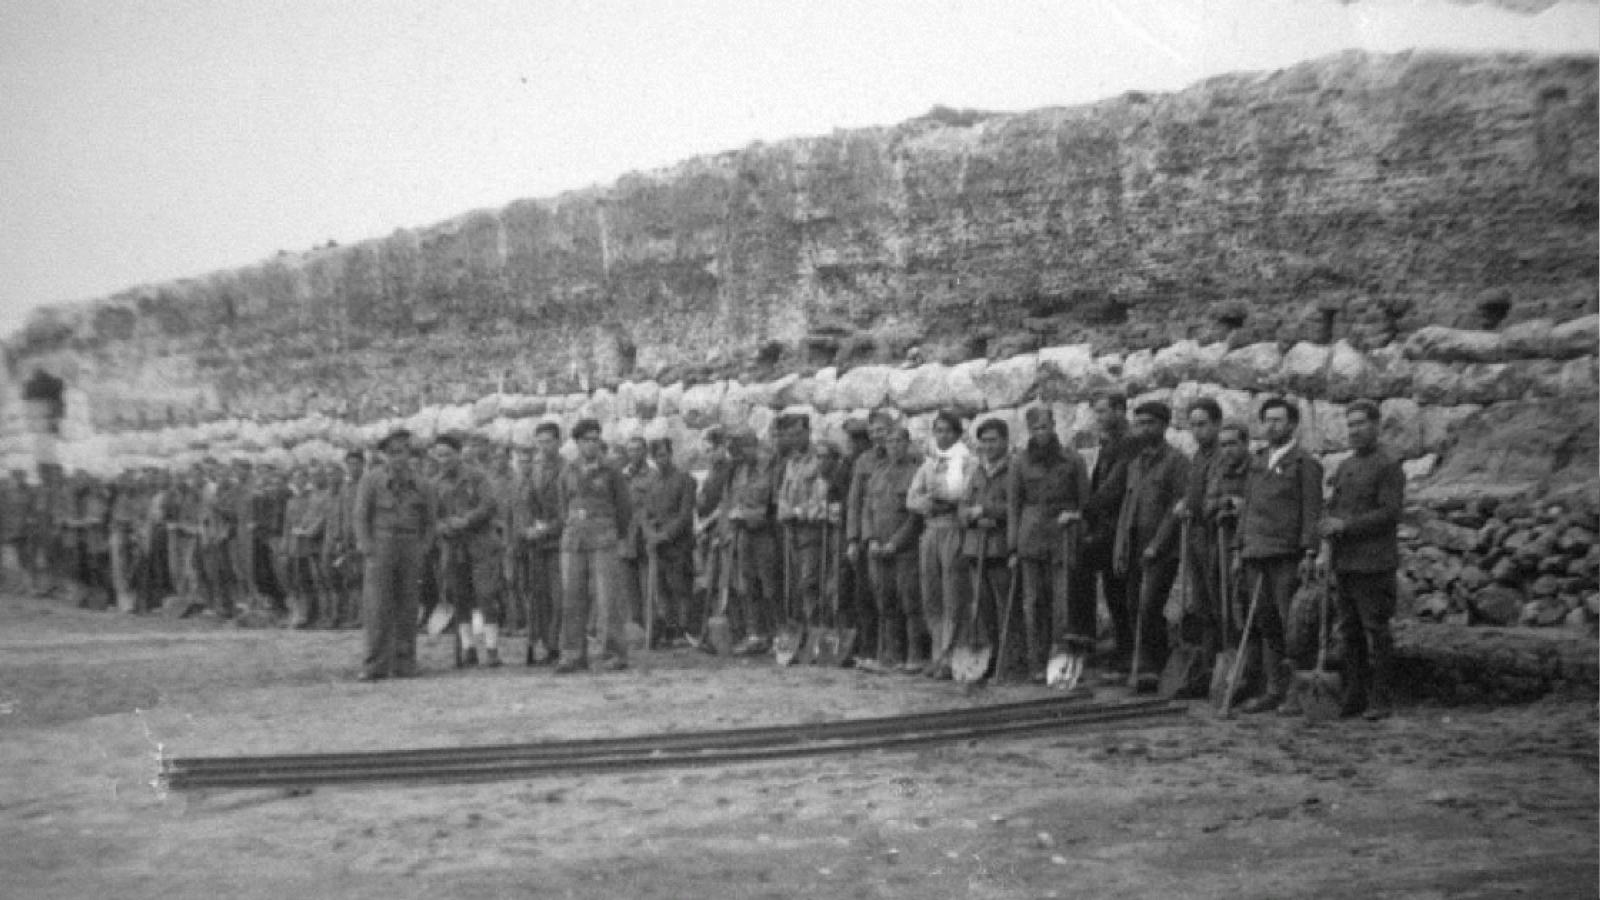 El mundo desde las Casas - Españoles víctimas del nazismo - 05/05/21 - Escuchar ahora